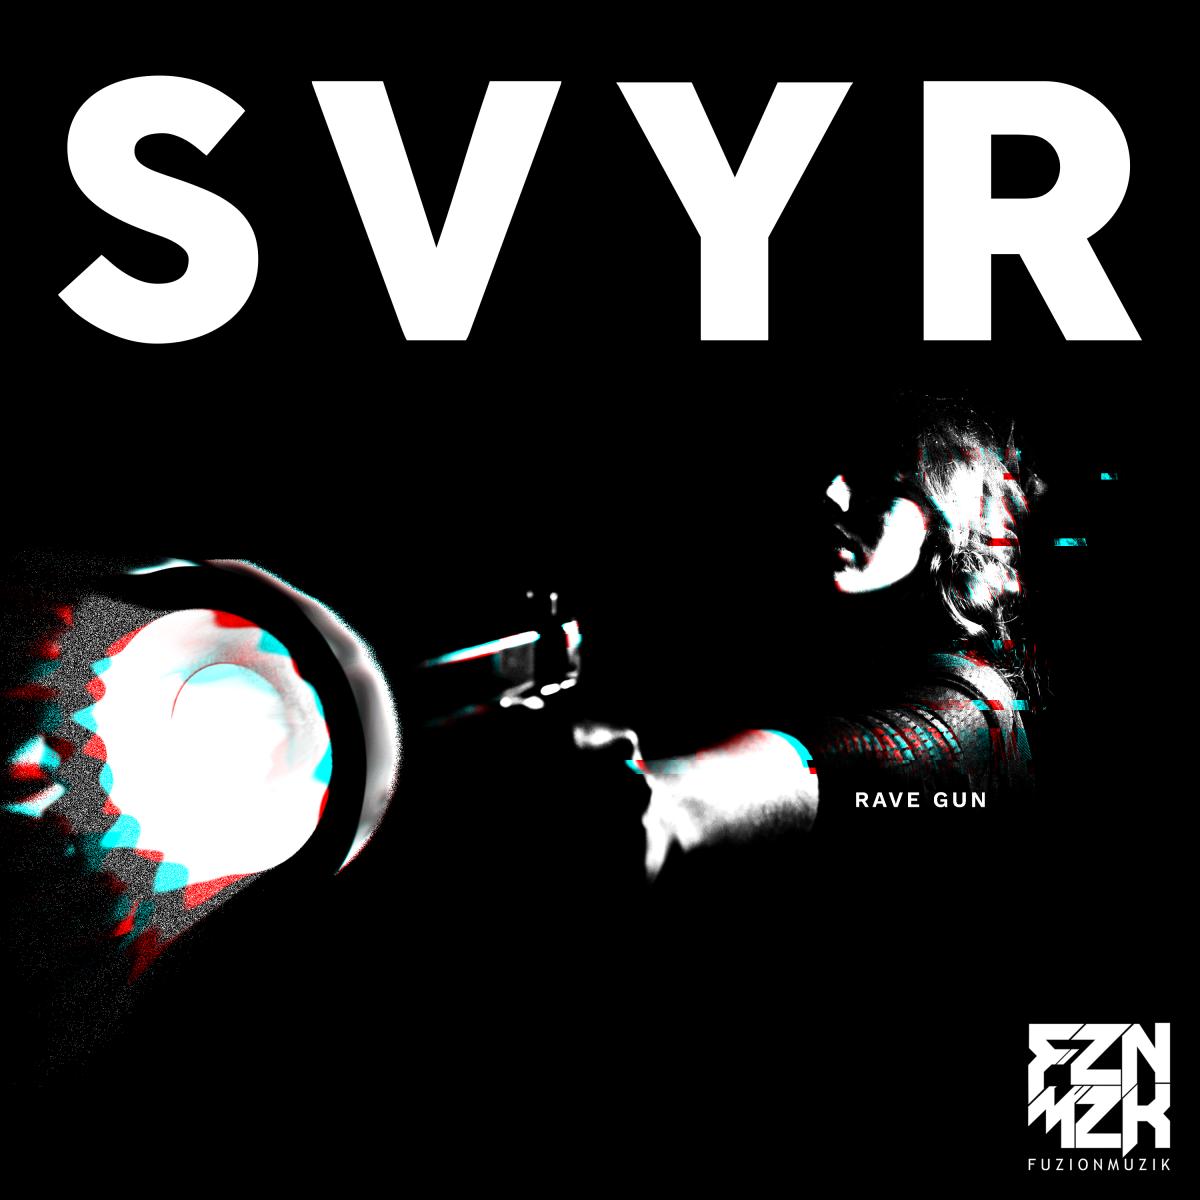 SVYR - Rave Gun - FZNMZK (Fuzion Muzik) --- EDM.com Feature / Premiere